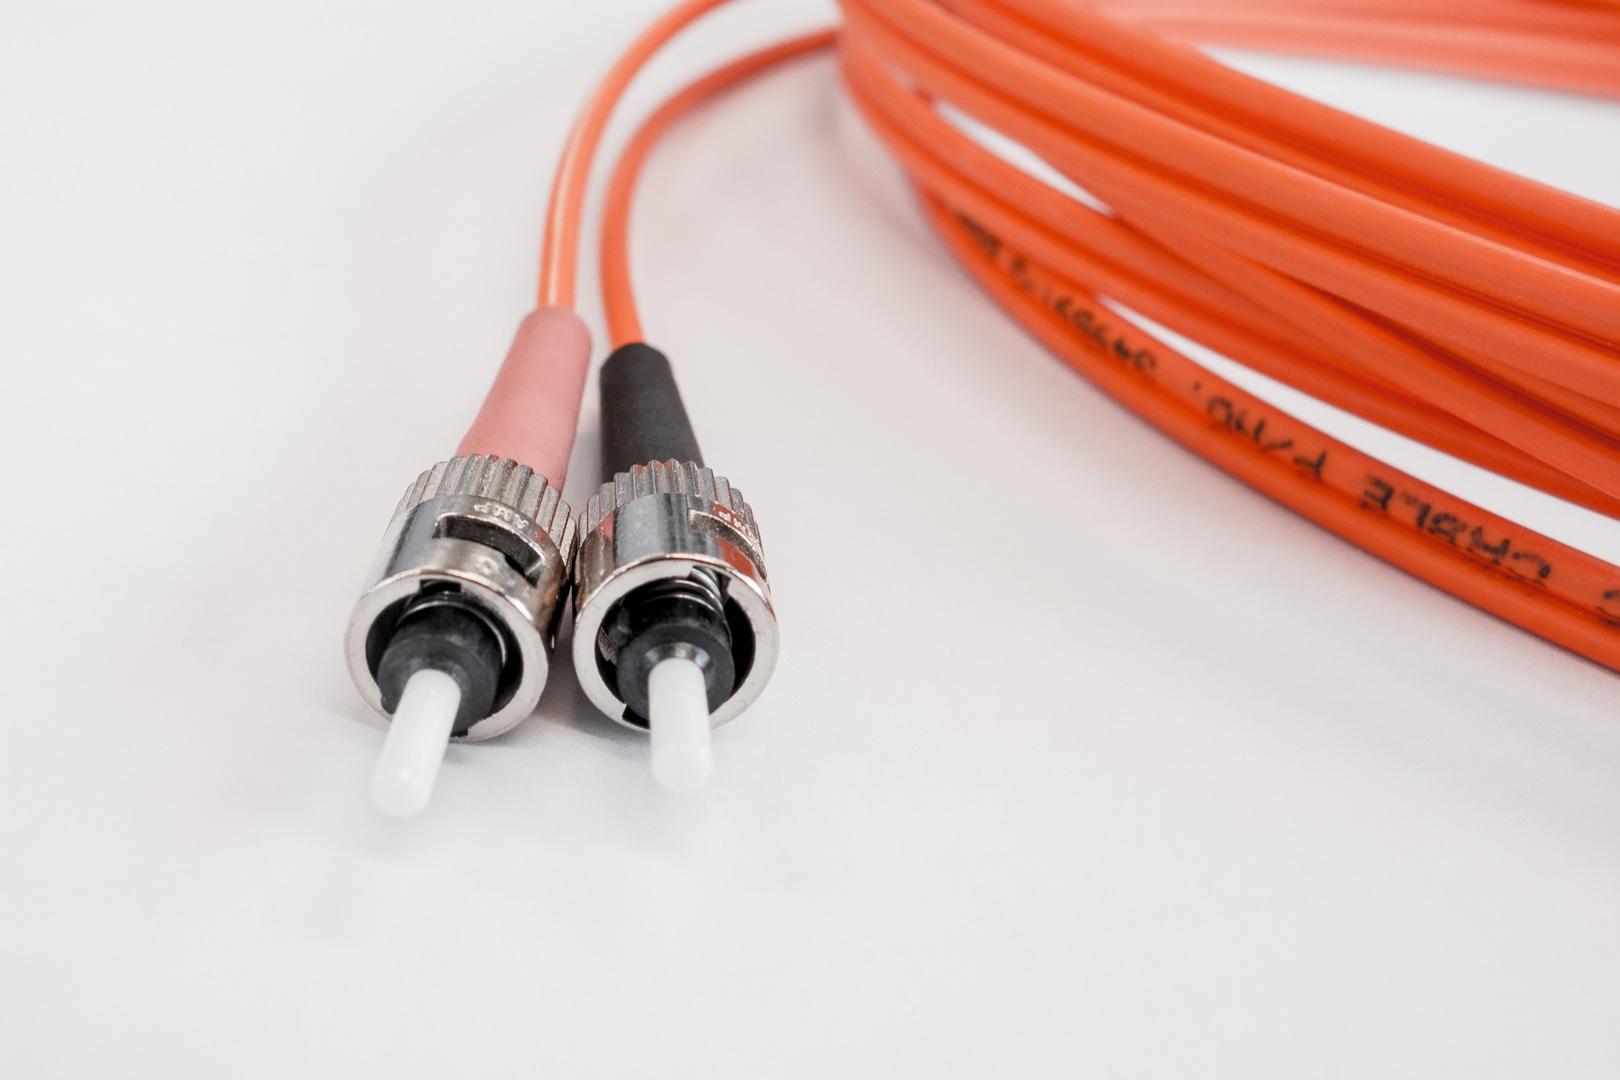 Orange fiber optic cable